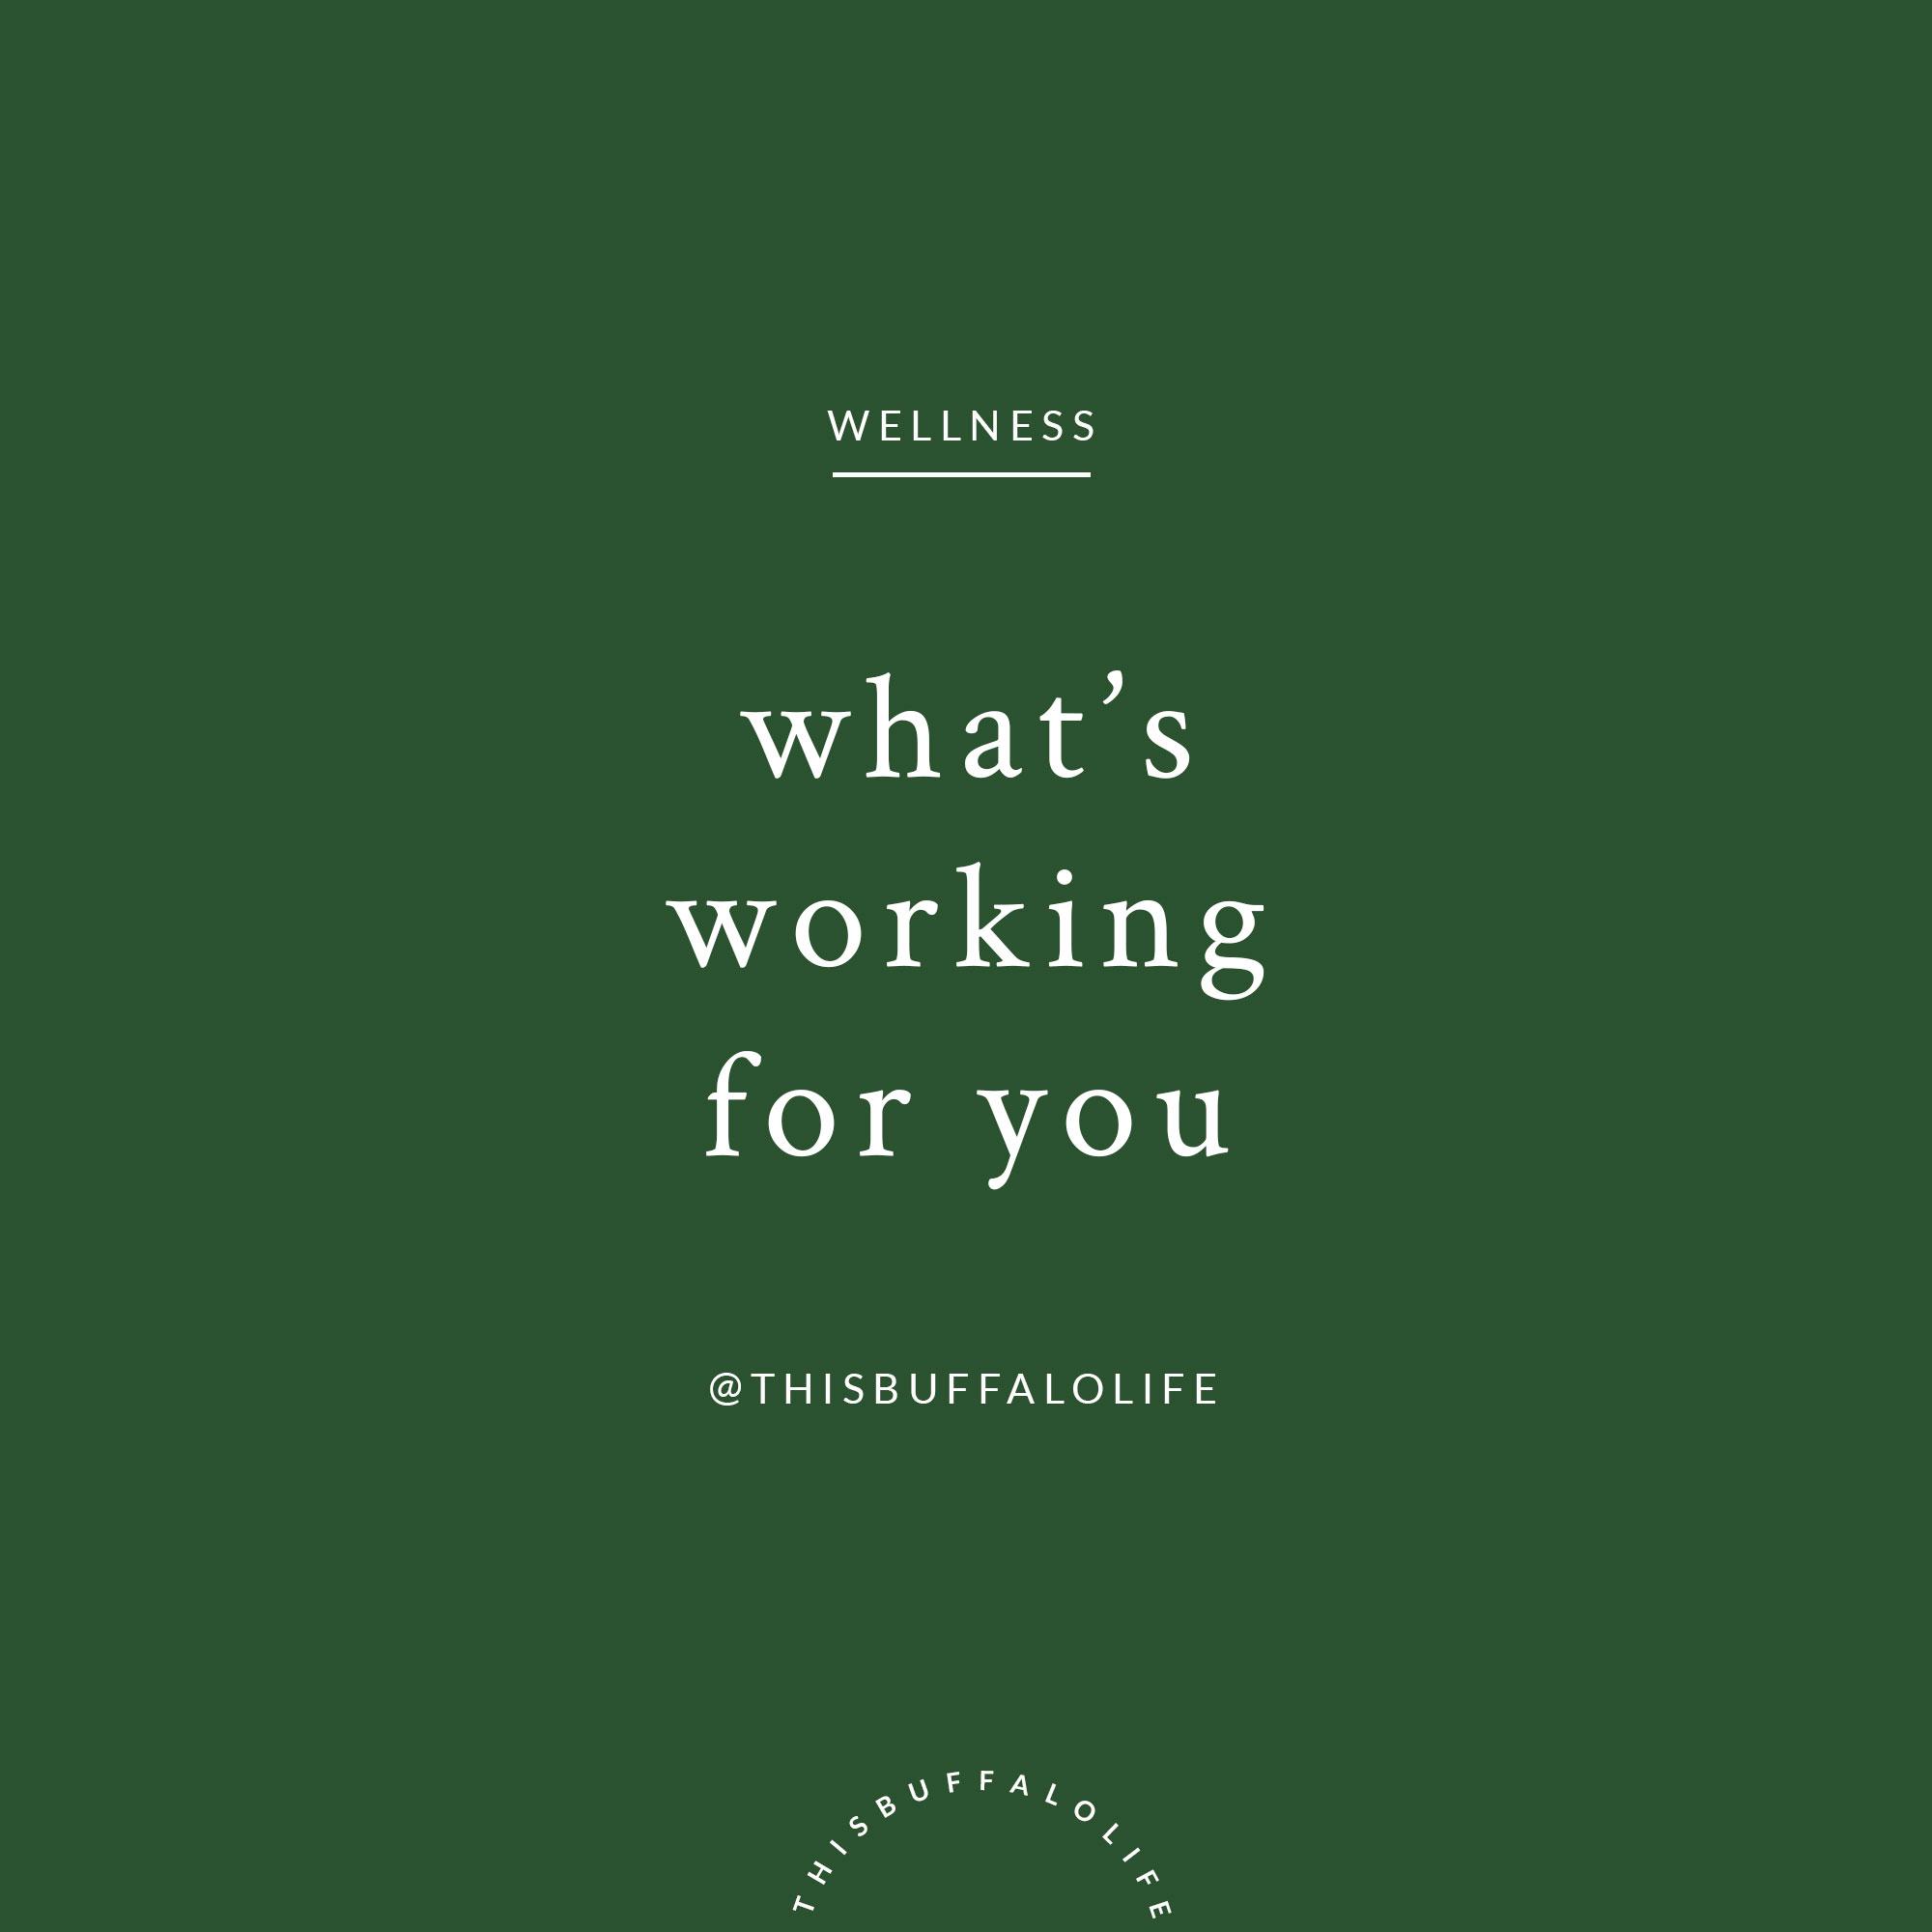 workingforyou.jpg